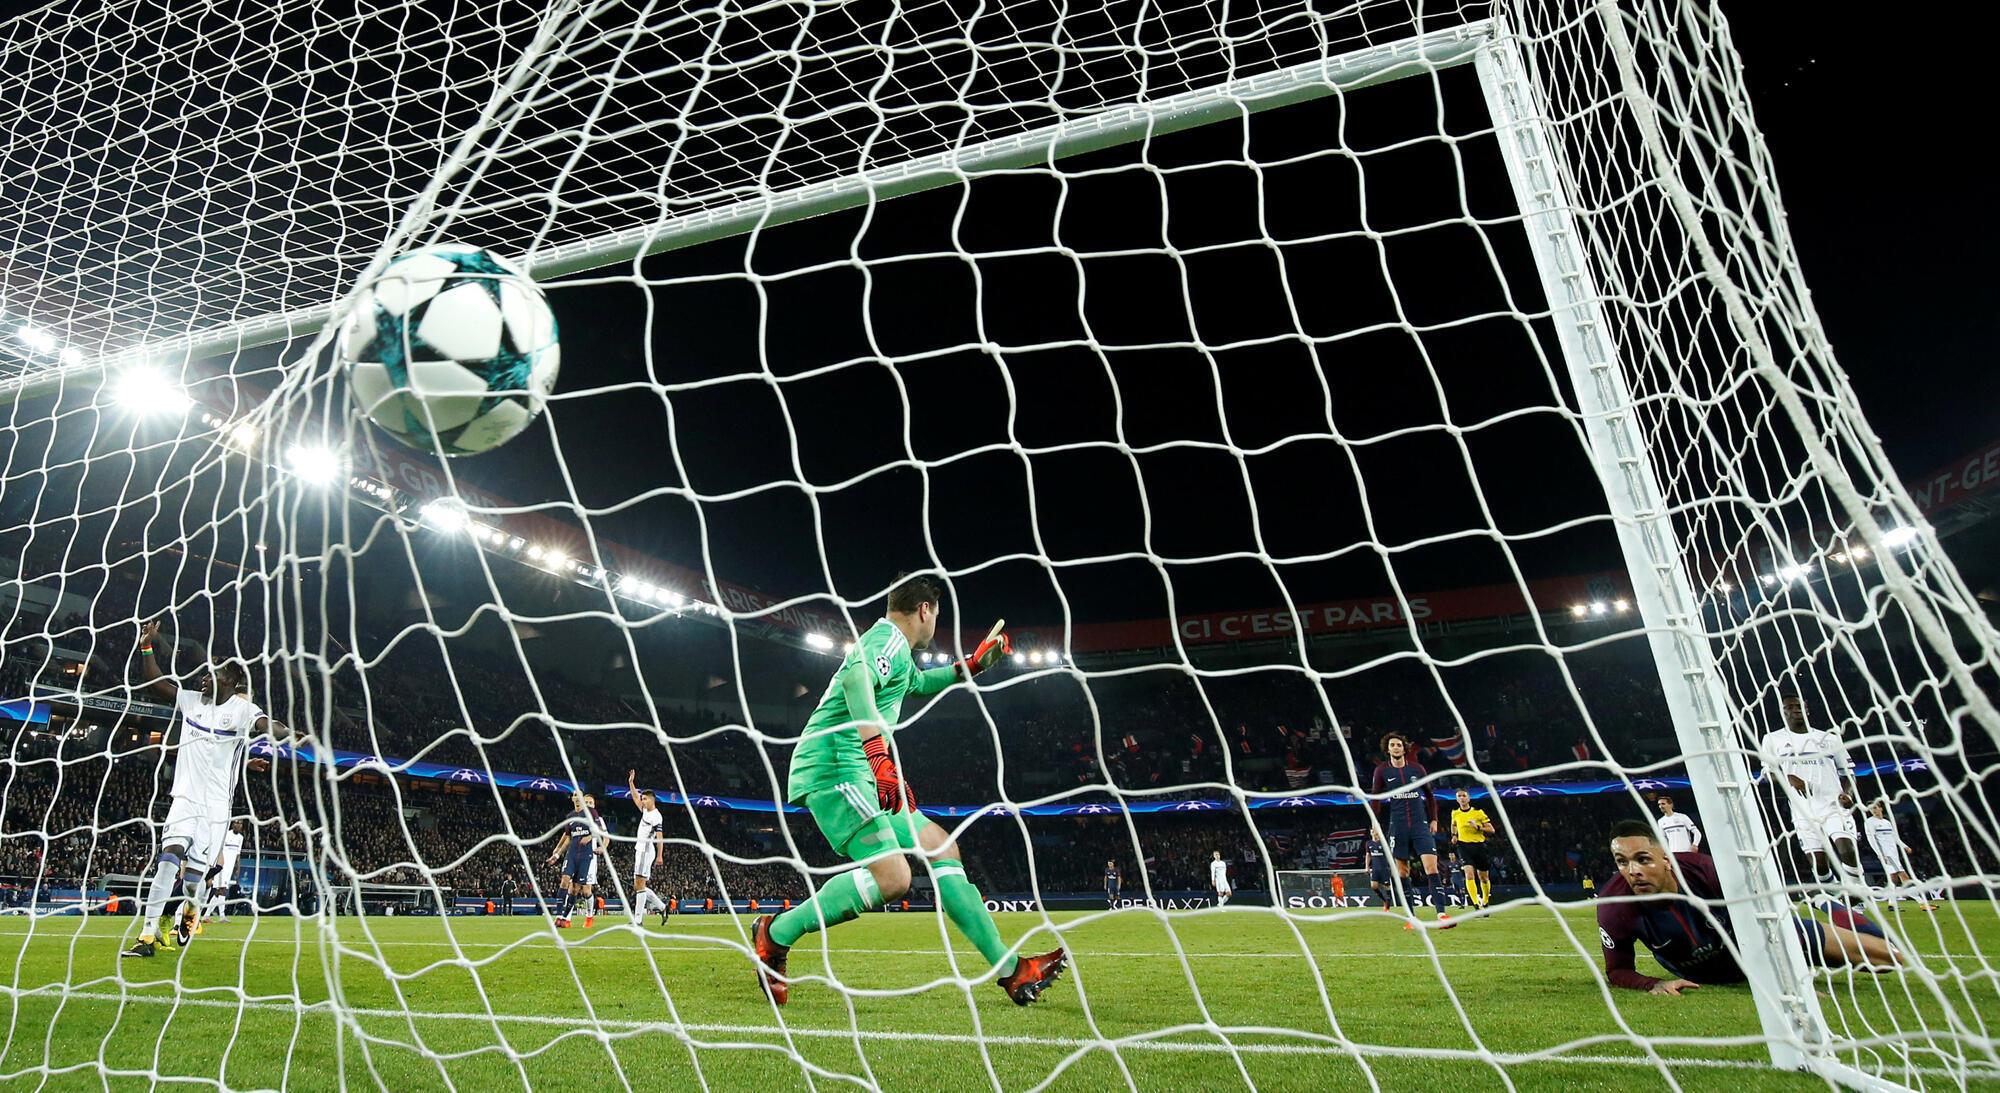 Layvin Kurzawa marca o quarto golo da noite, aquando de um jogo da Liga dos campeões PSG contra Anderlecht (5-0), em Paris a 31 de Outubro de 2017.